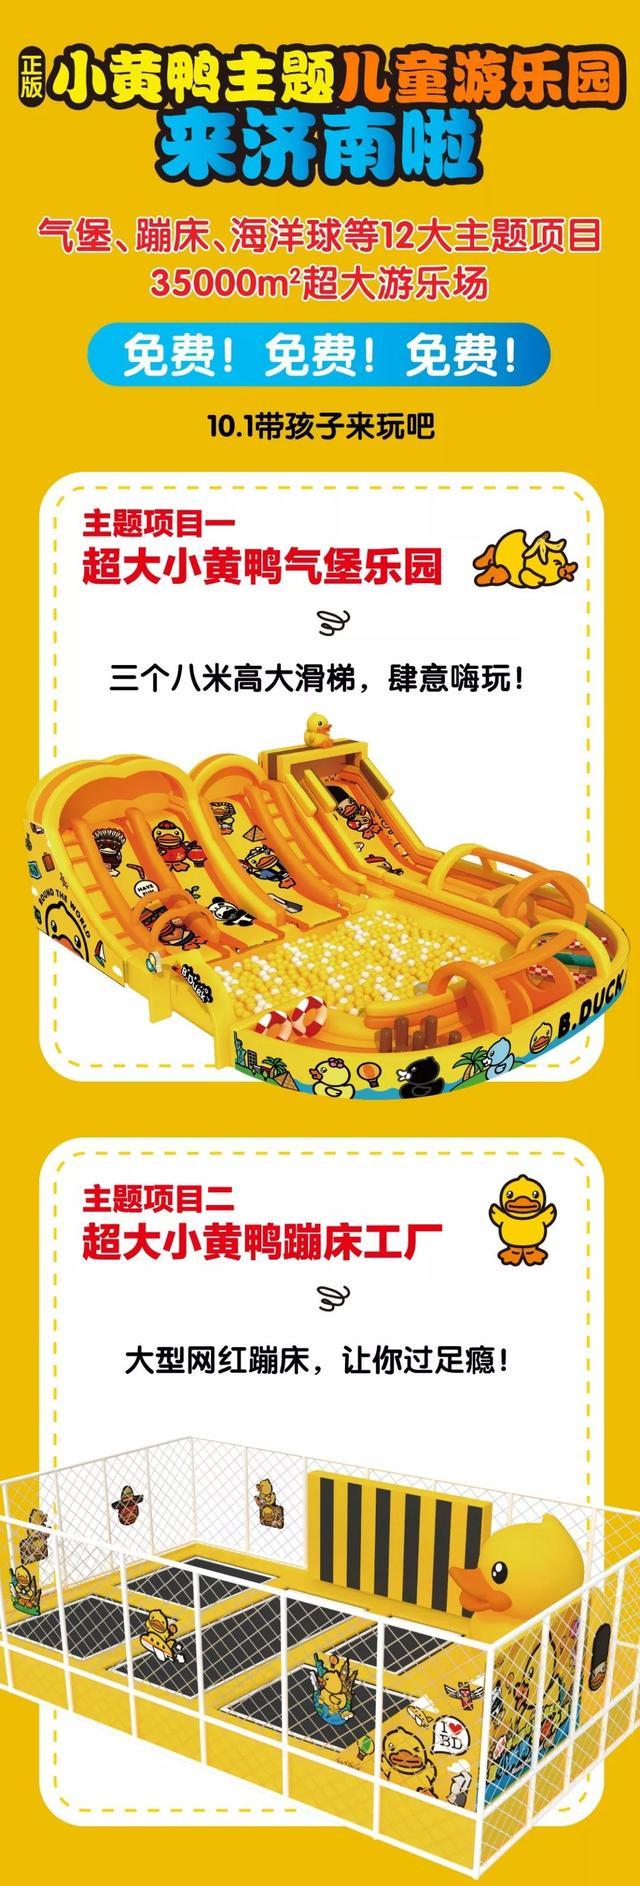 风靡全球的小黄鸭主题游乐园来济南了!比迪士尼还好玩,免费抢票